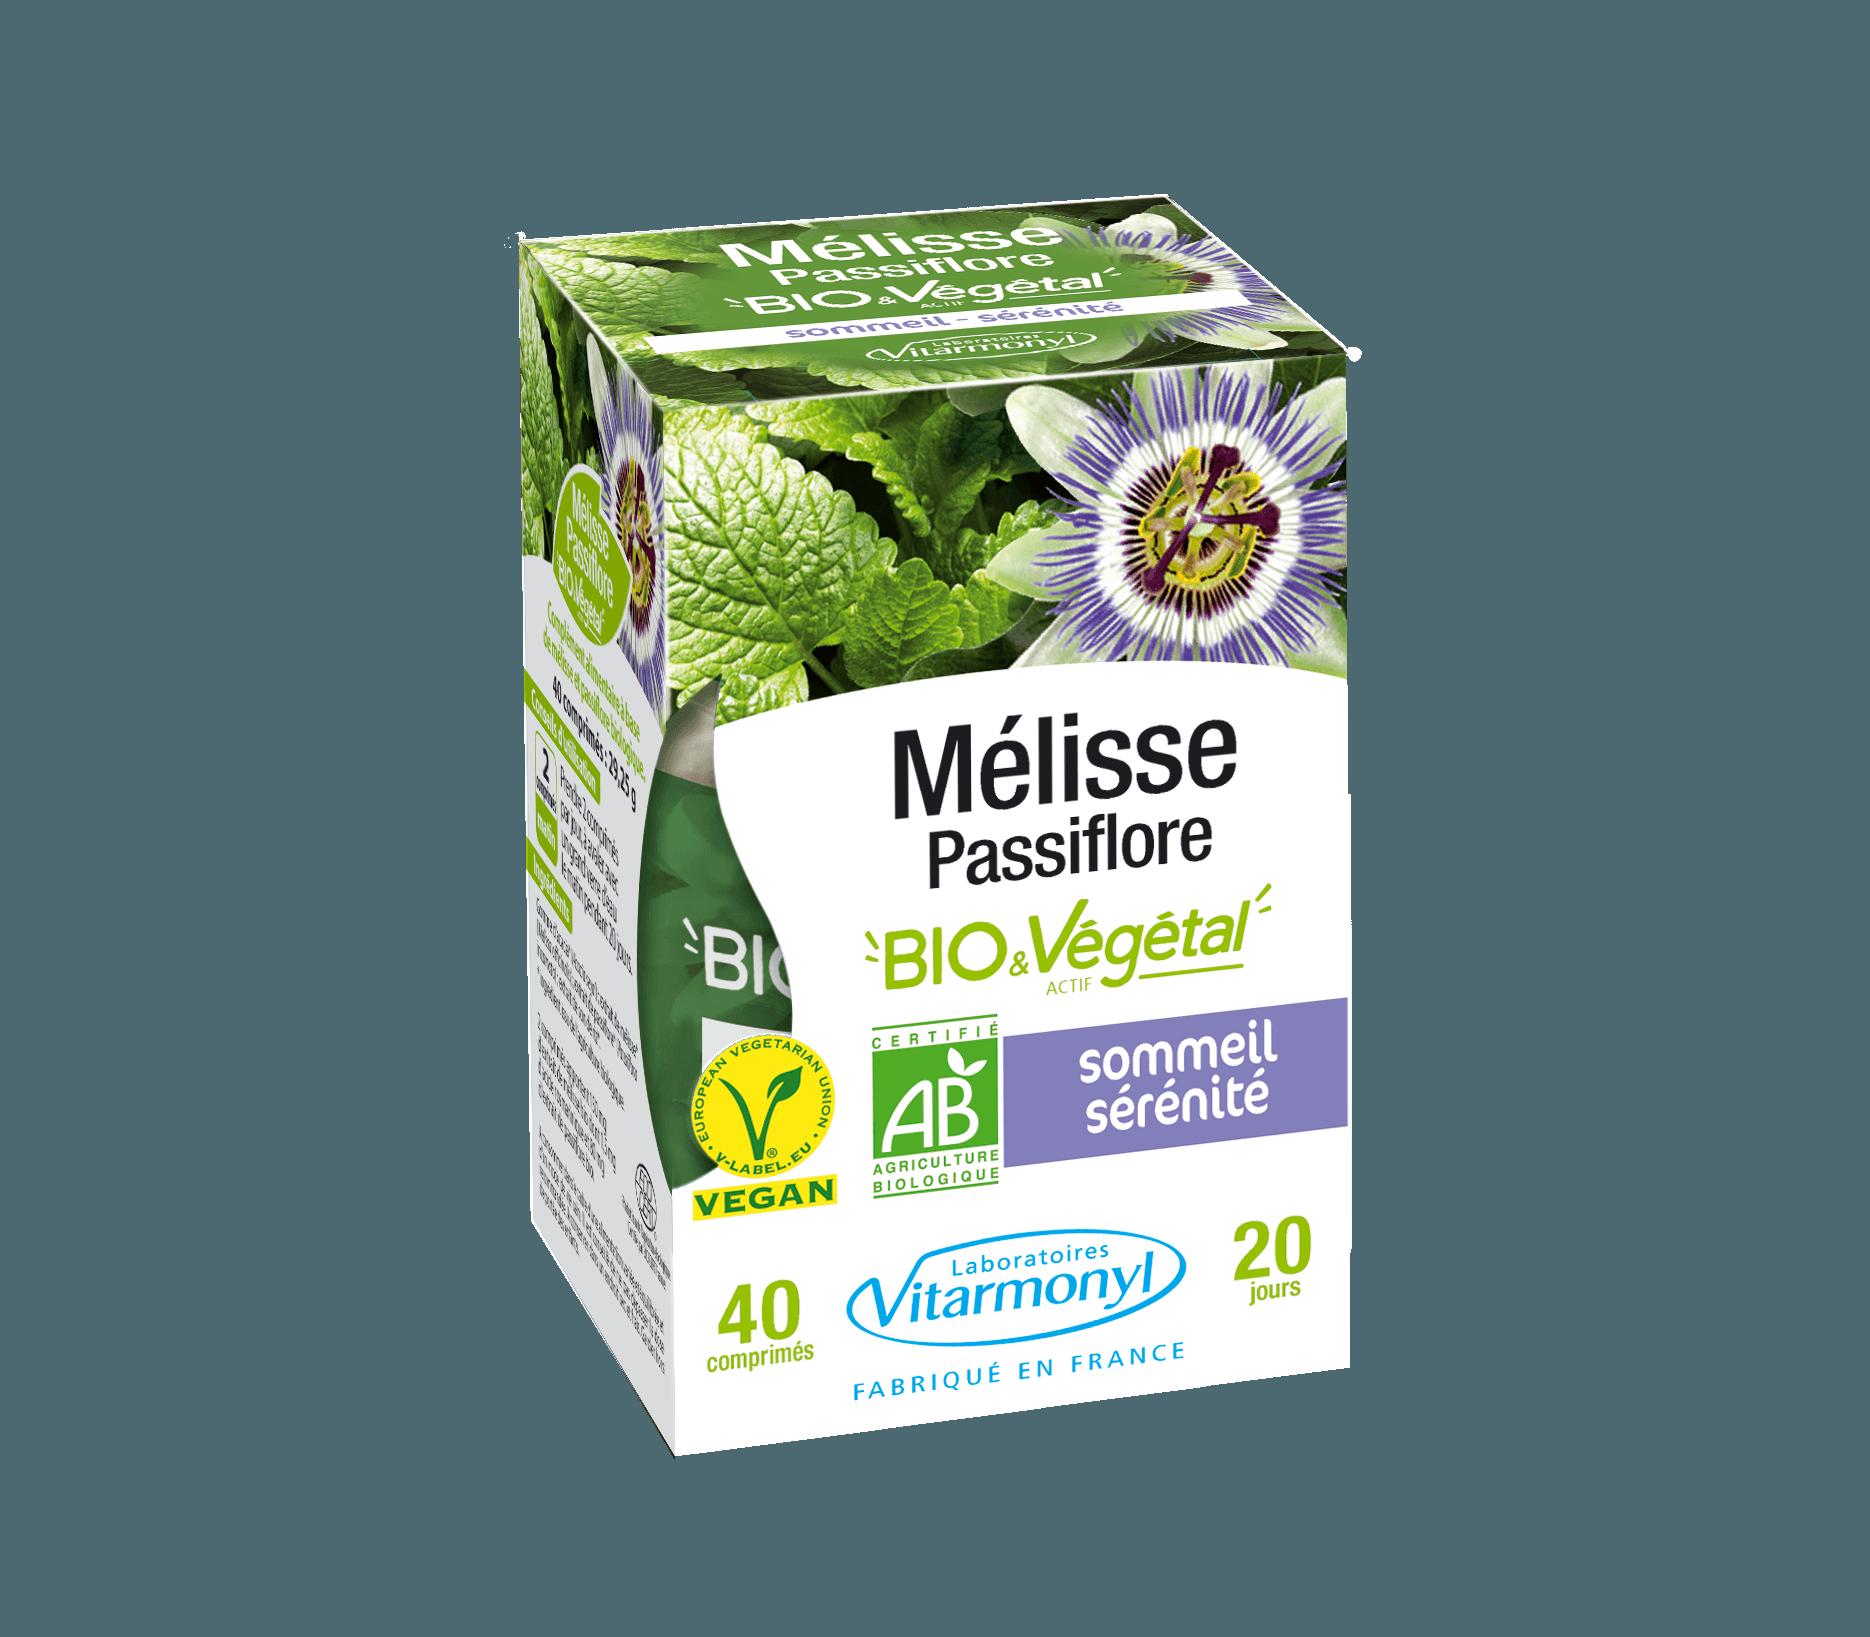 Image Mélisse – Passiflore BIO